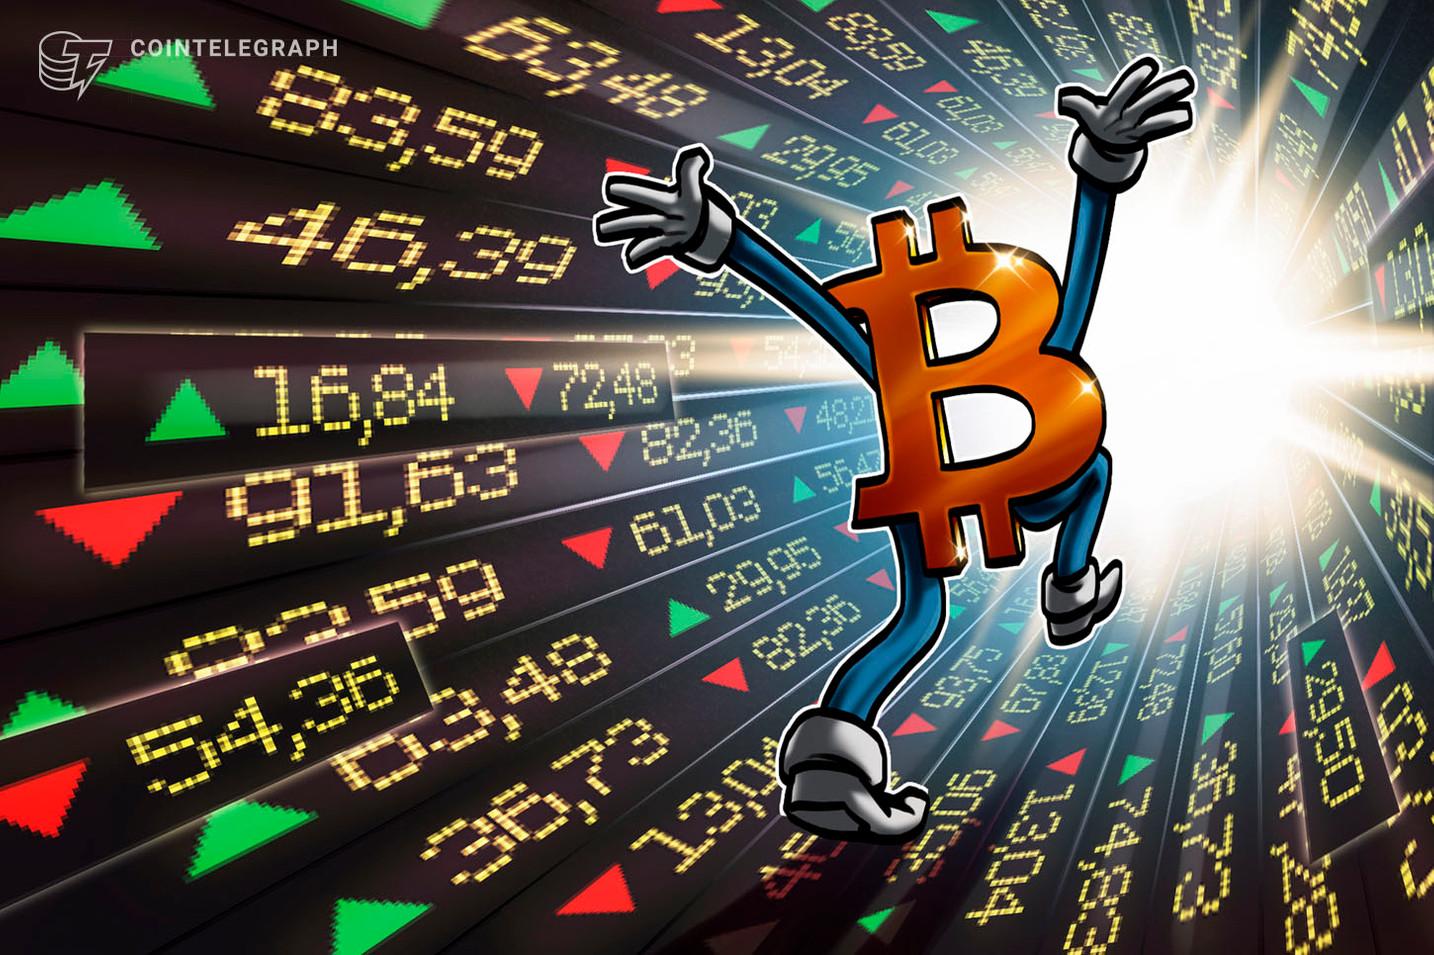 Bitcoin klettert über 49.000 US-Dollar: Facebook, Instagram und WhatsApp fallen aus